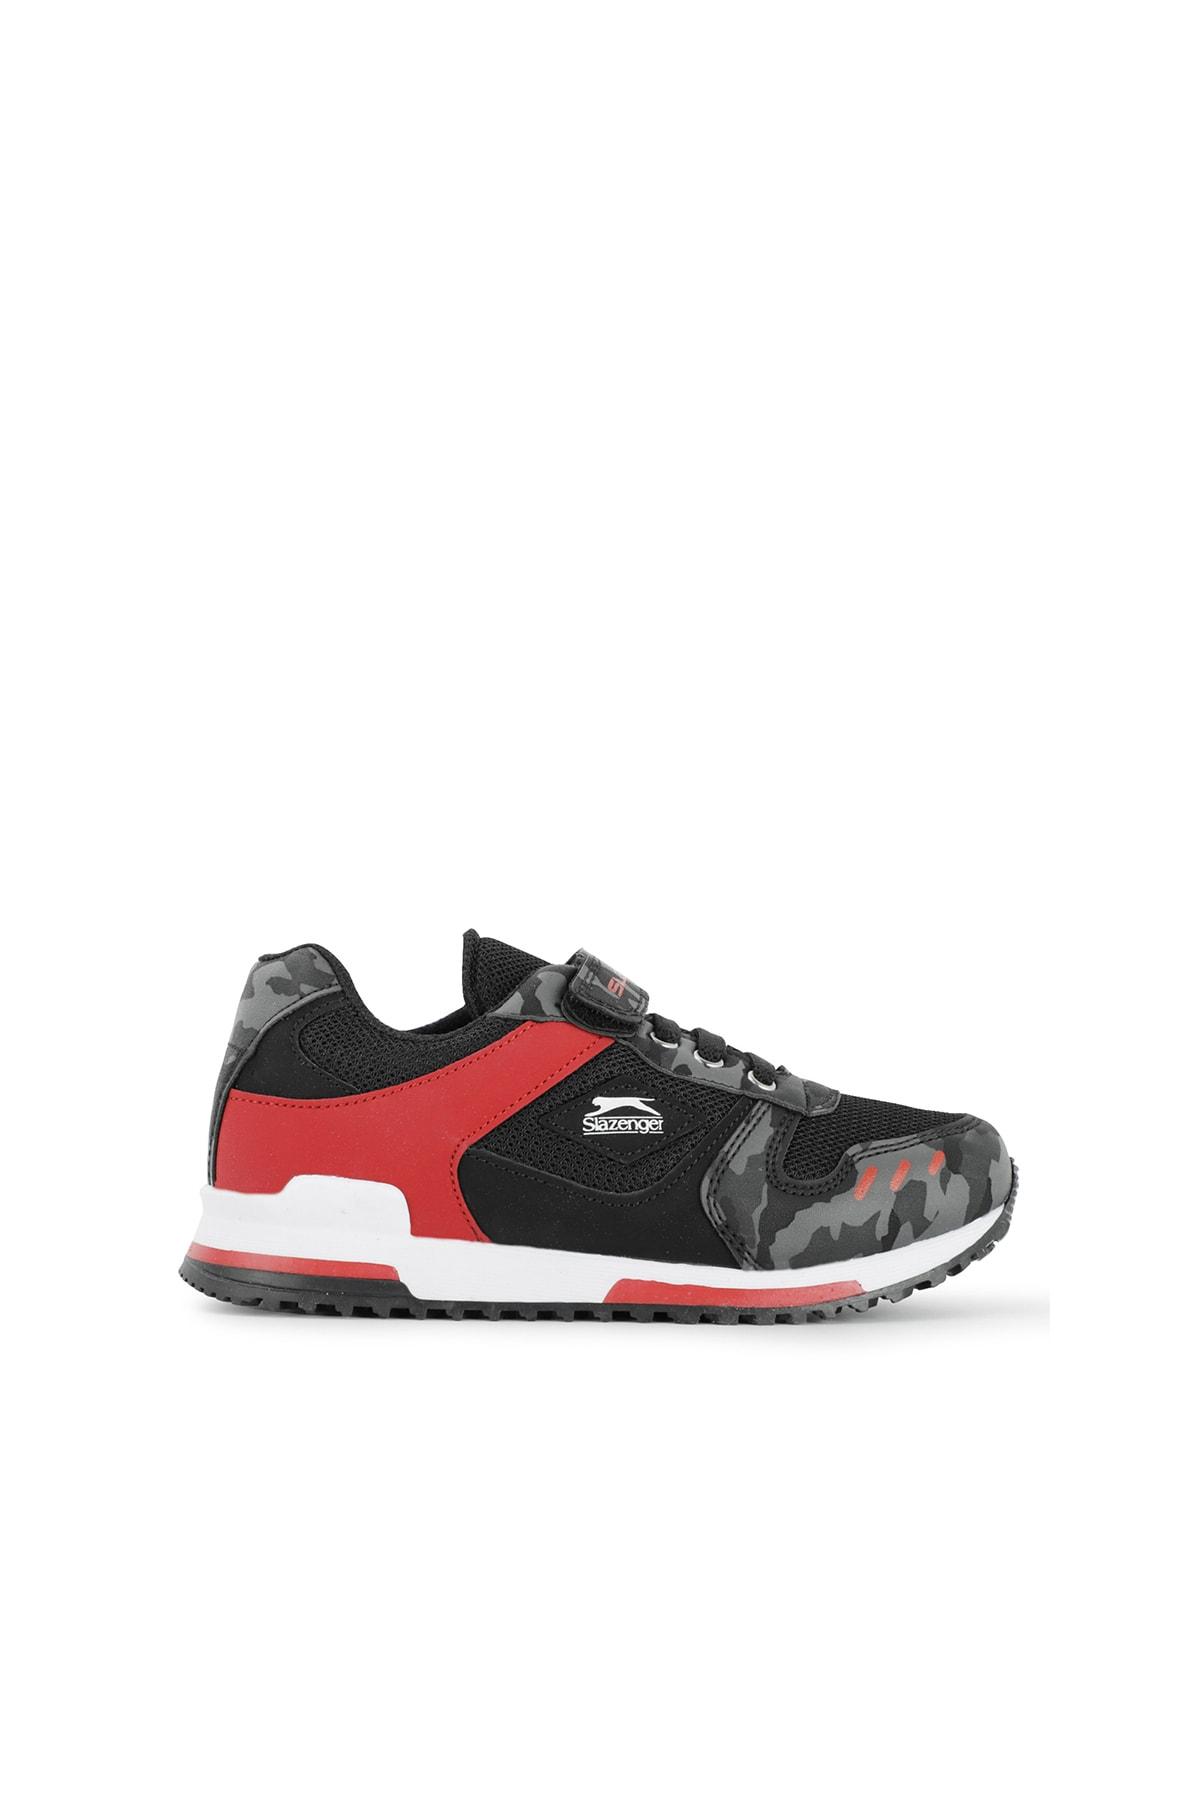 Slazenger EDMOND Sneaker Çocuk Ayakkabı Siyah Kamuflaj SA11LF013 1